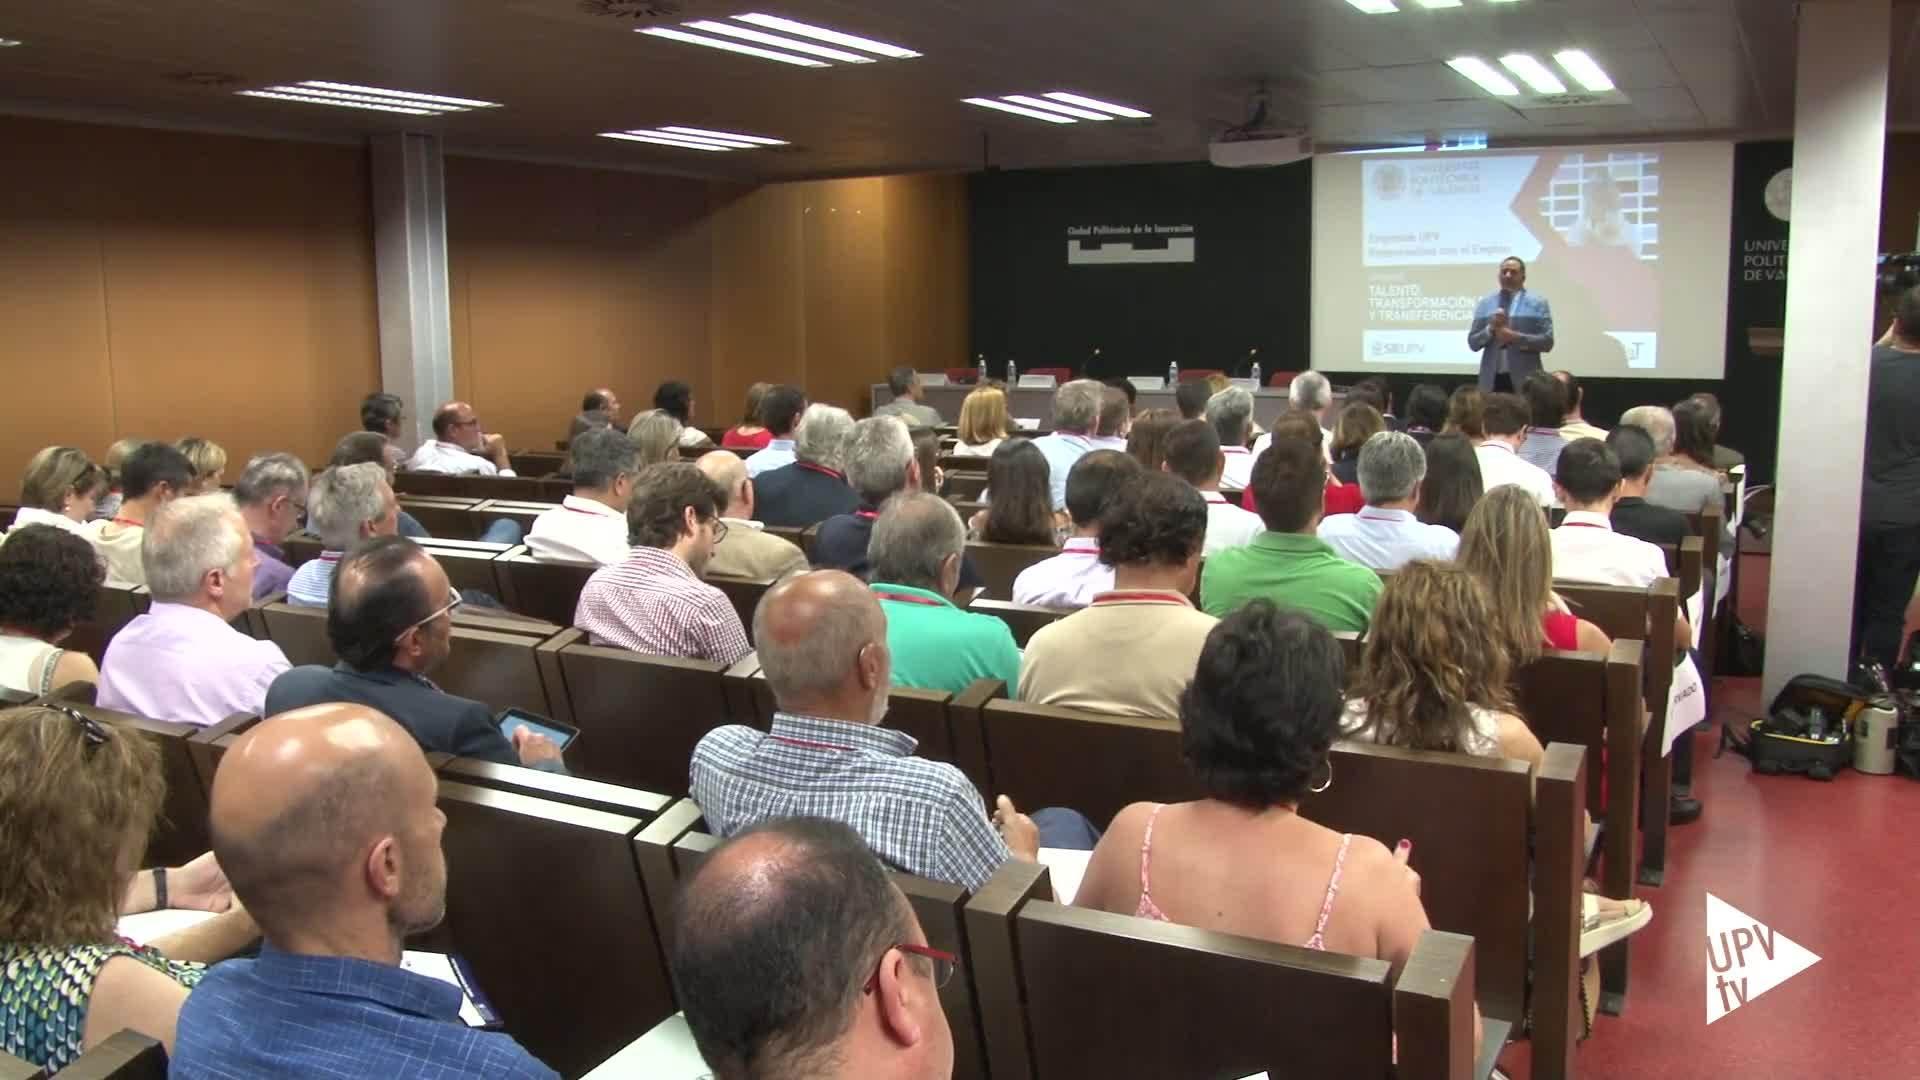 14-06-2017 Talento, Transformación digital y Transferencia